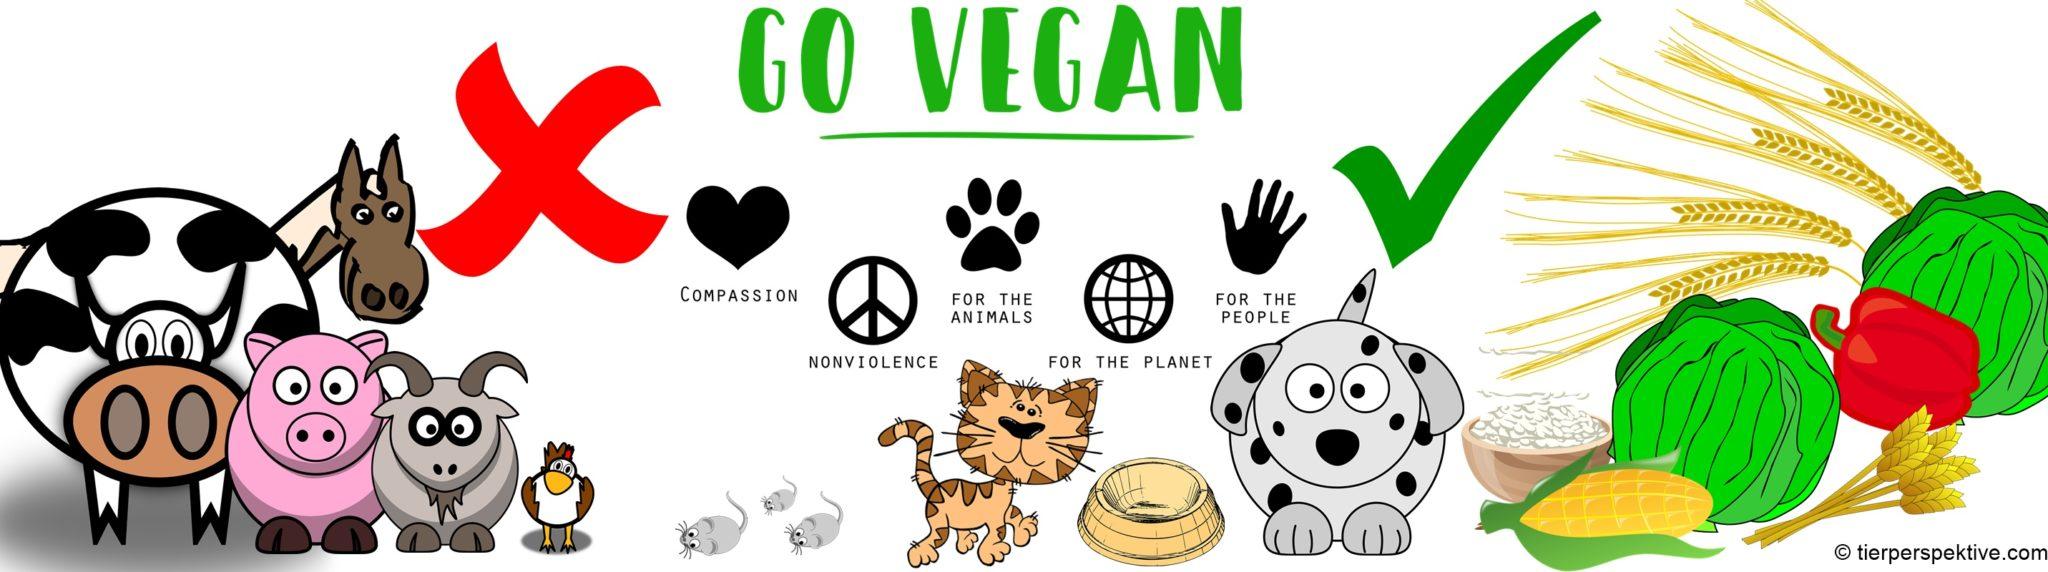 vegan vegetarische ernährung für hund und katze